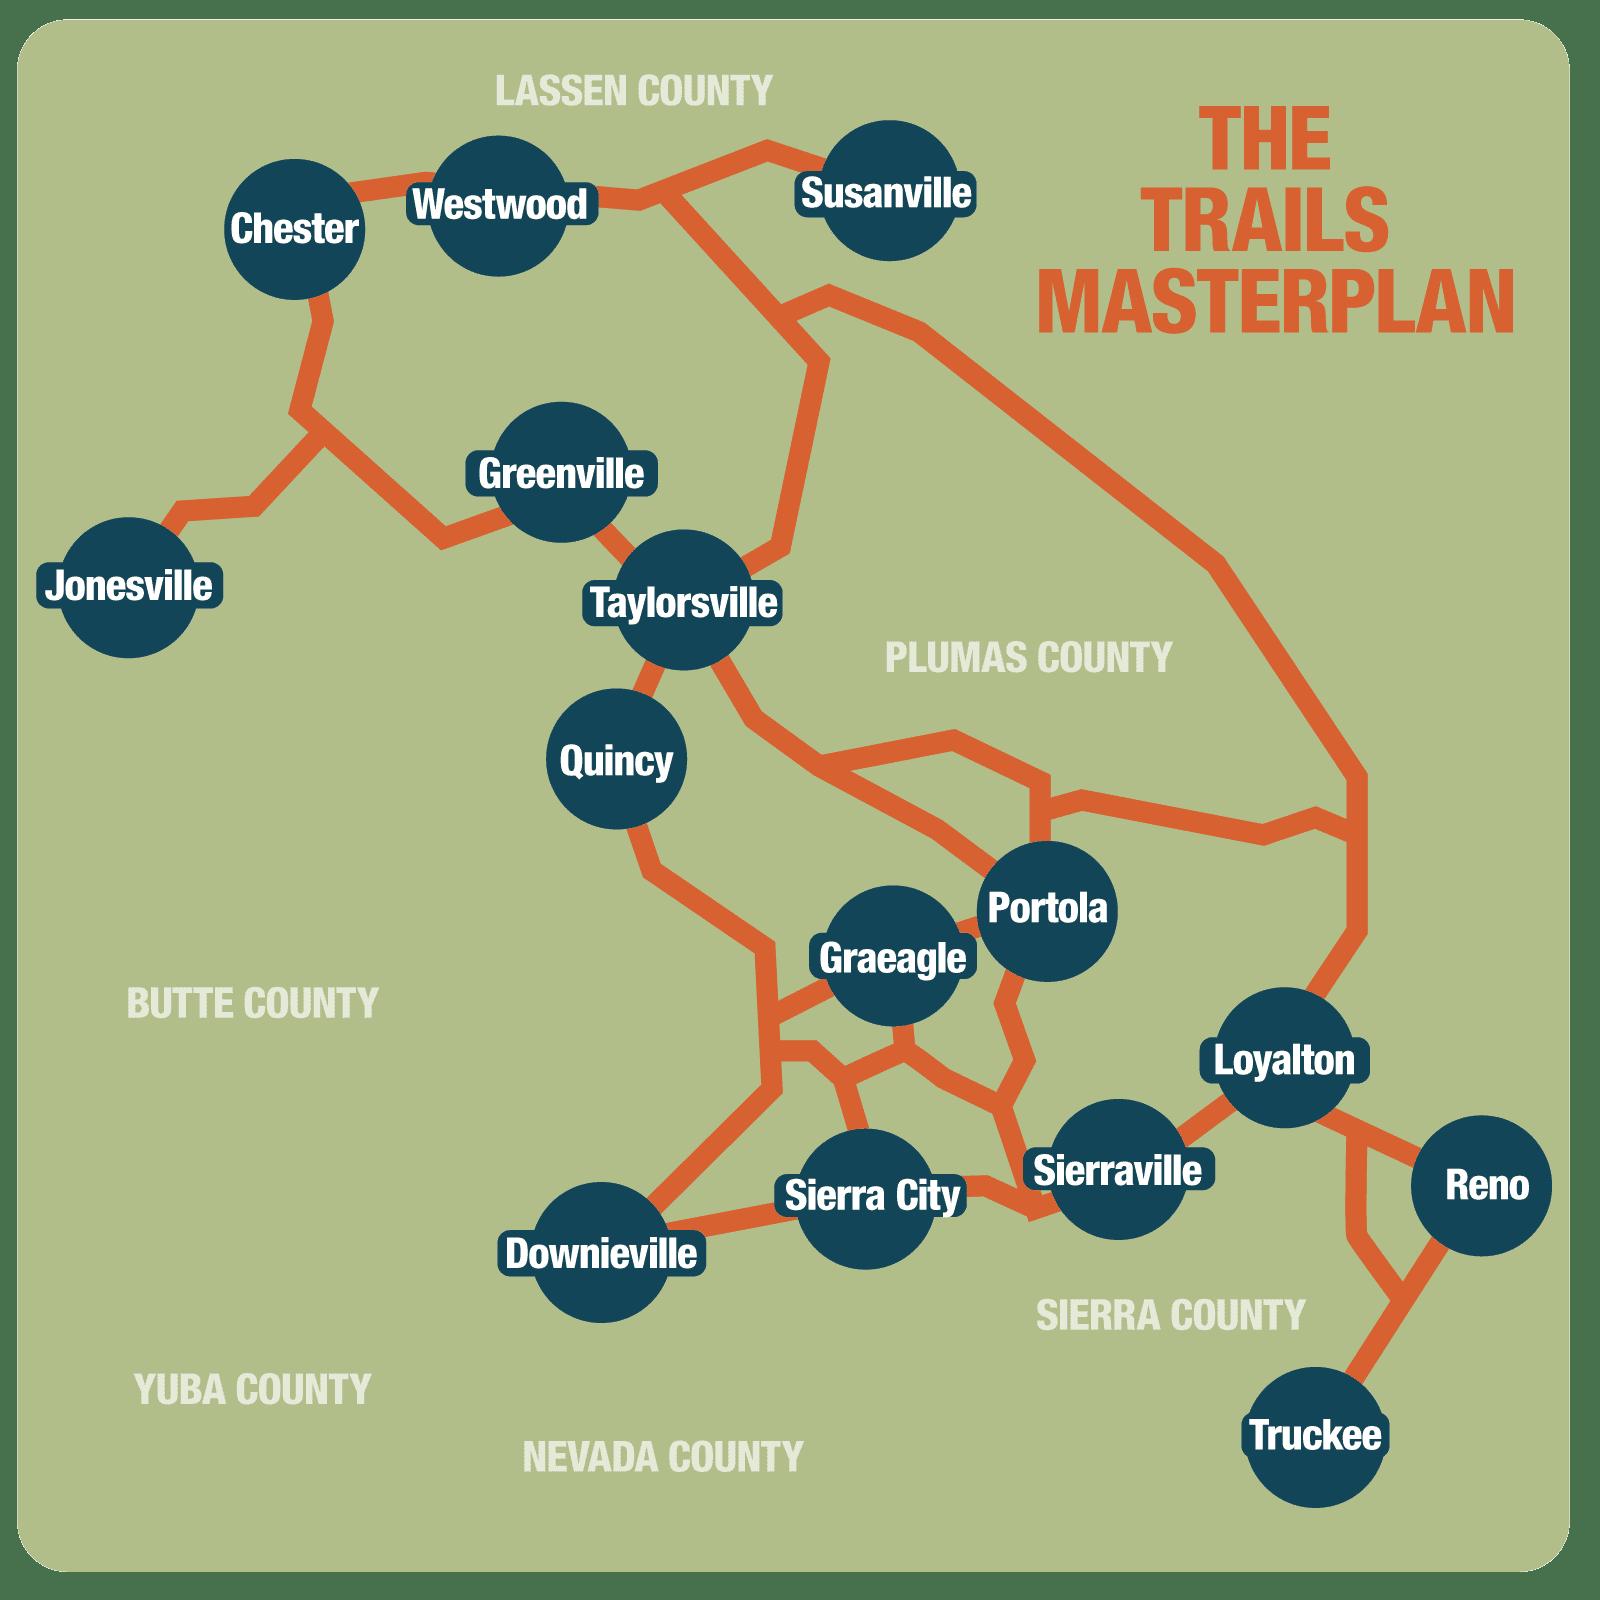 Trails masterplan graphic